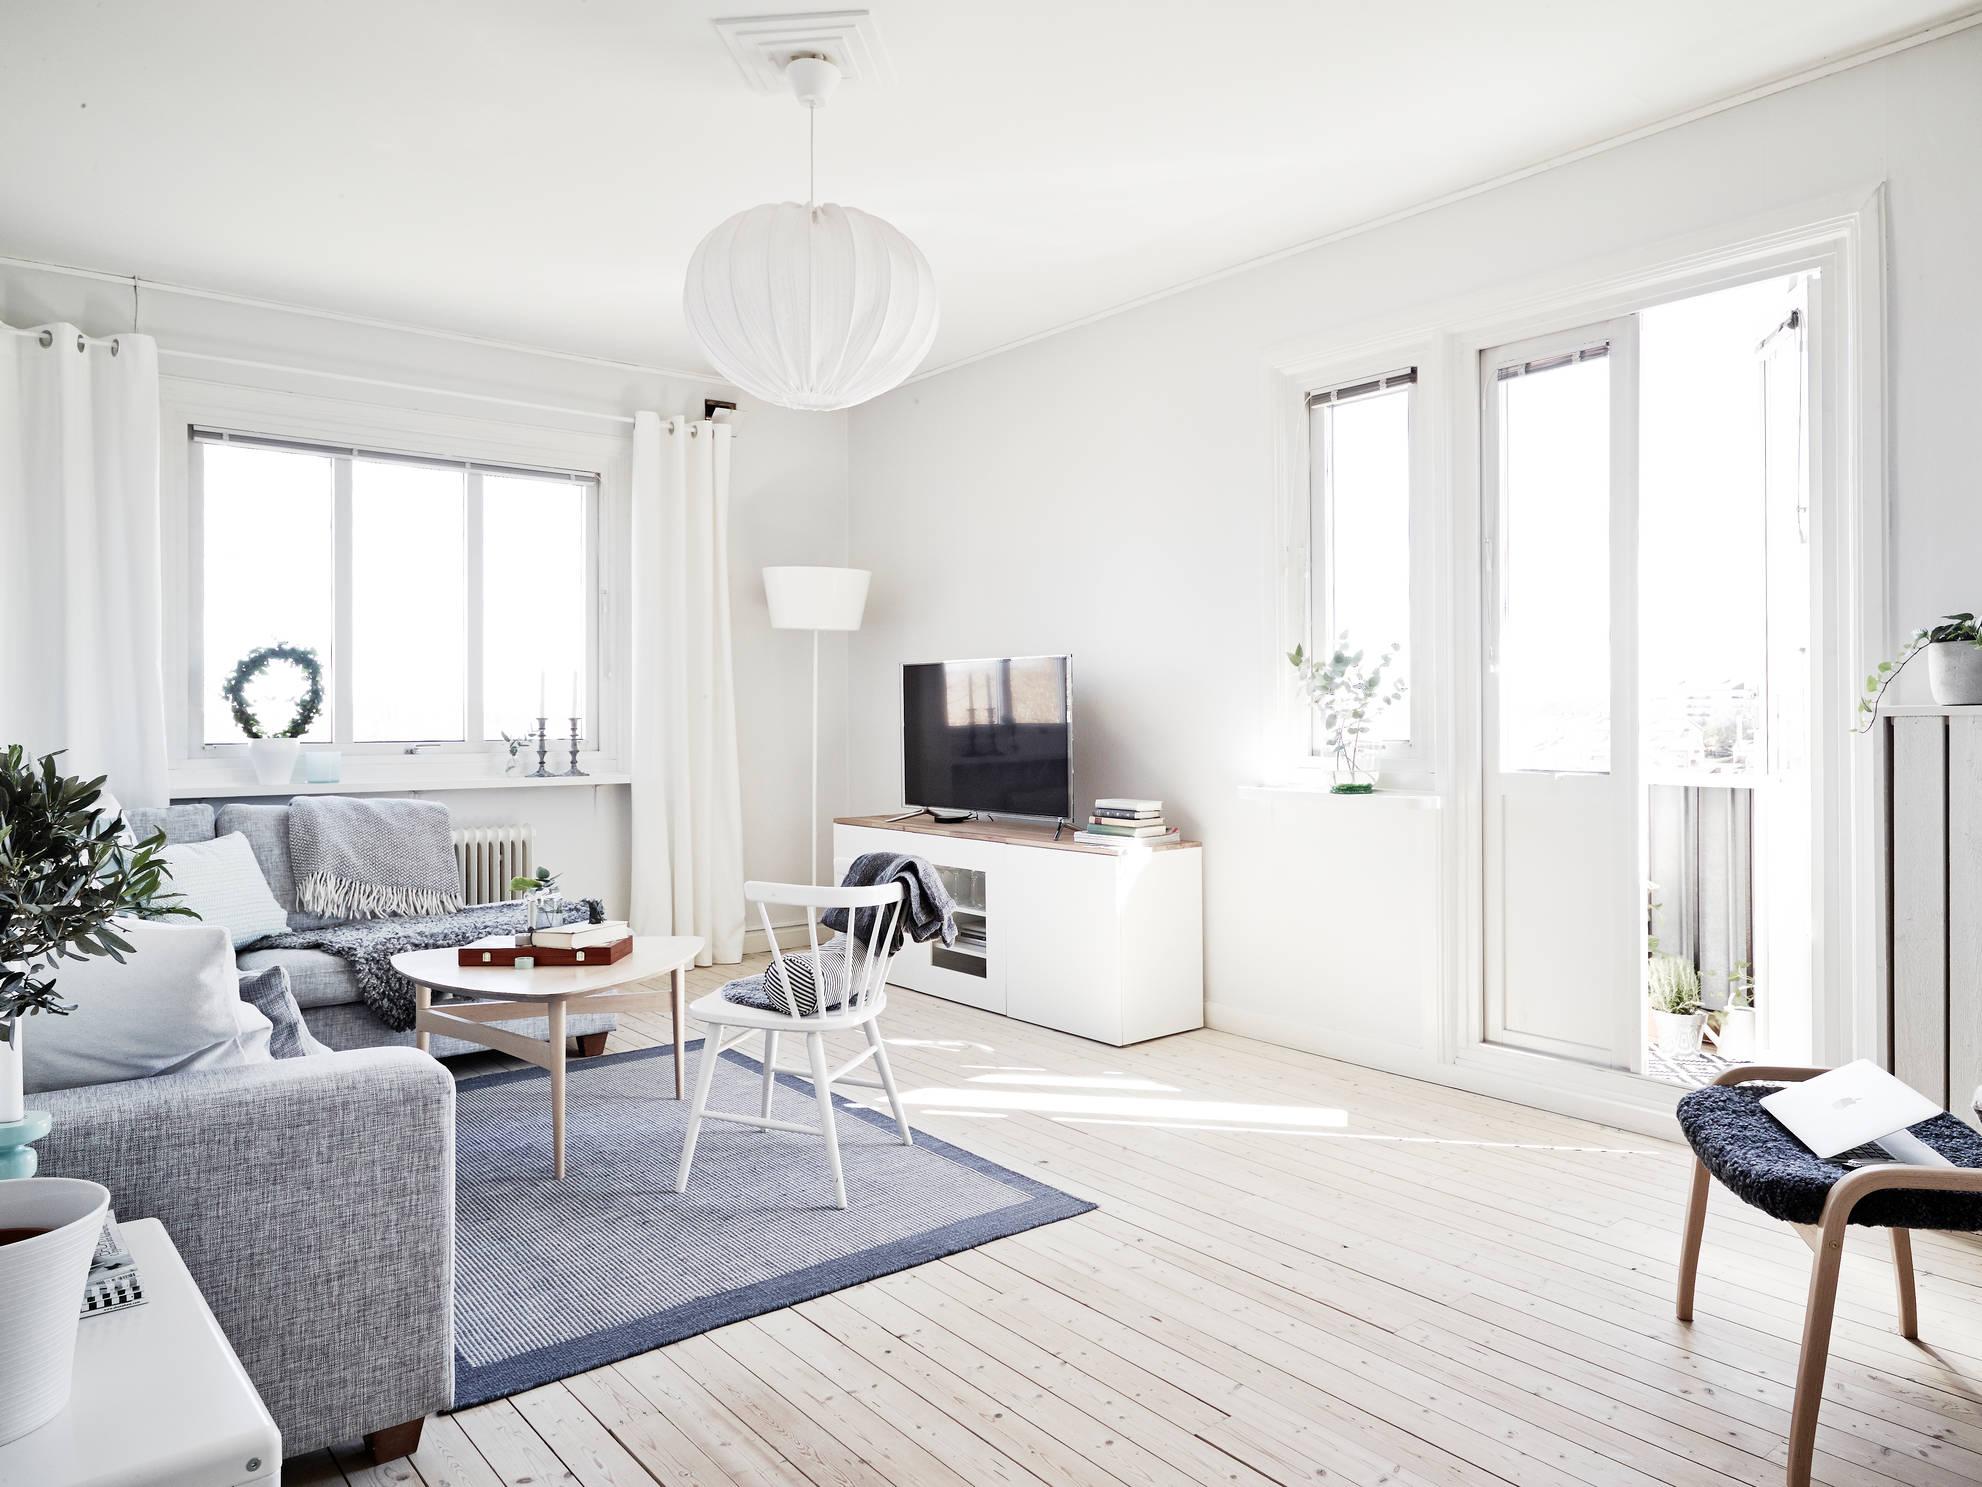 Un piso blanco y gris lleno de luz blog tienda for Deco interiores